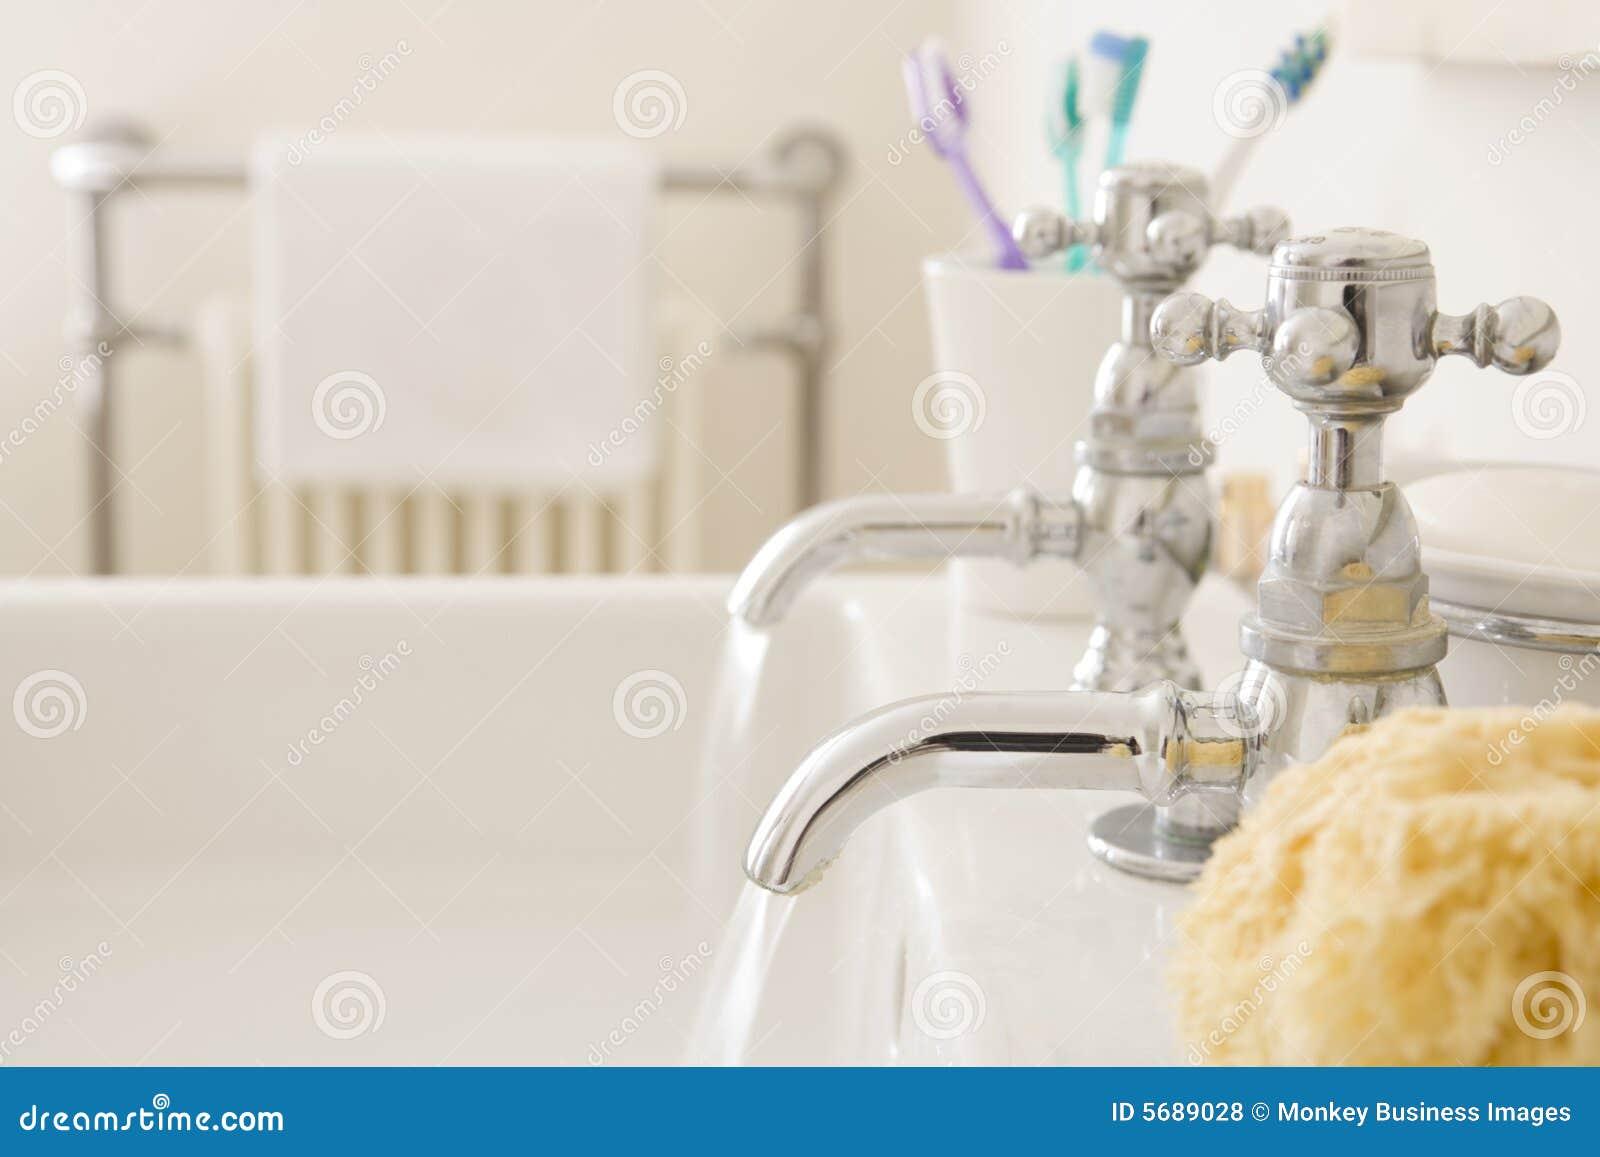 卫生间连续水槽